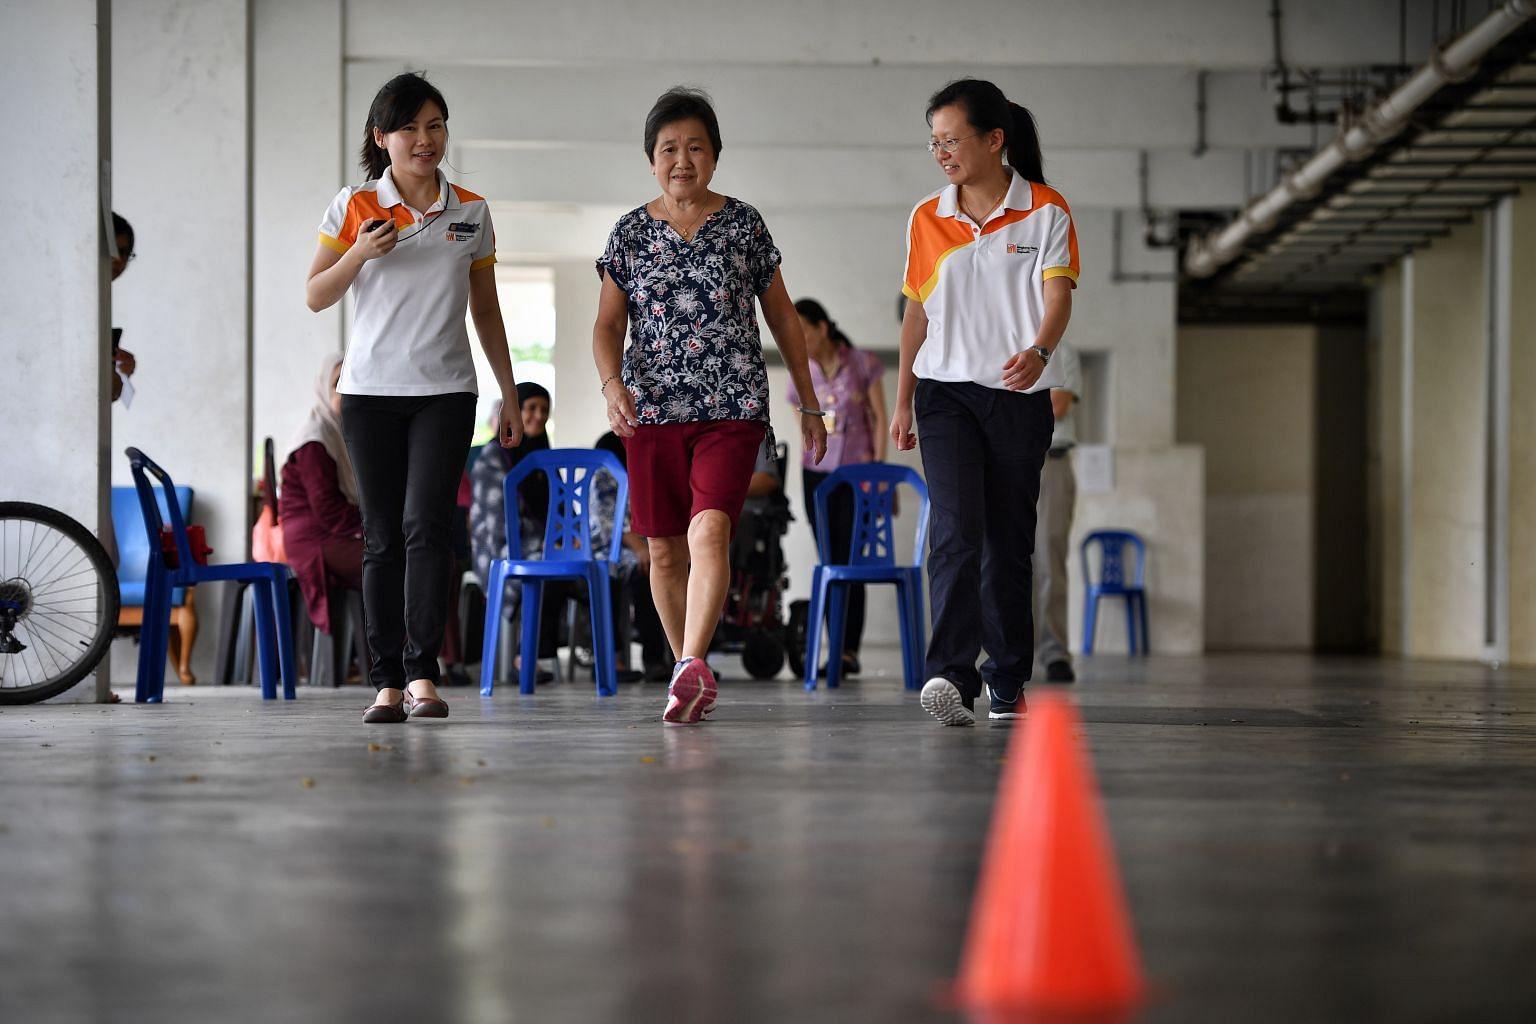 6 minutters gå-test (6MWT): Gangtest for ældre mennesker 🚶♀️